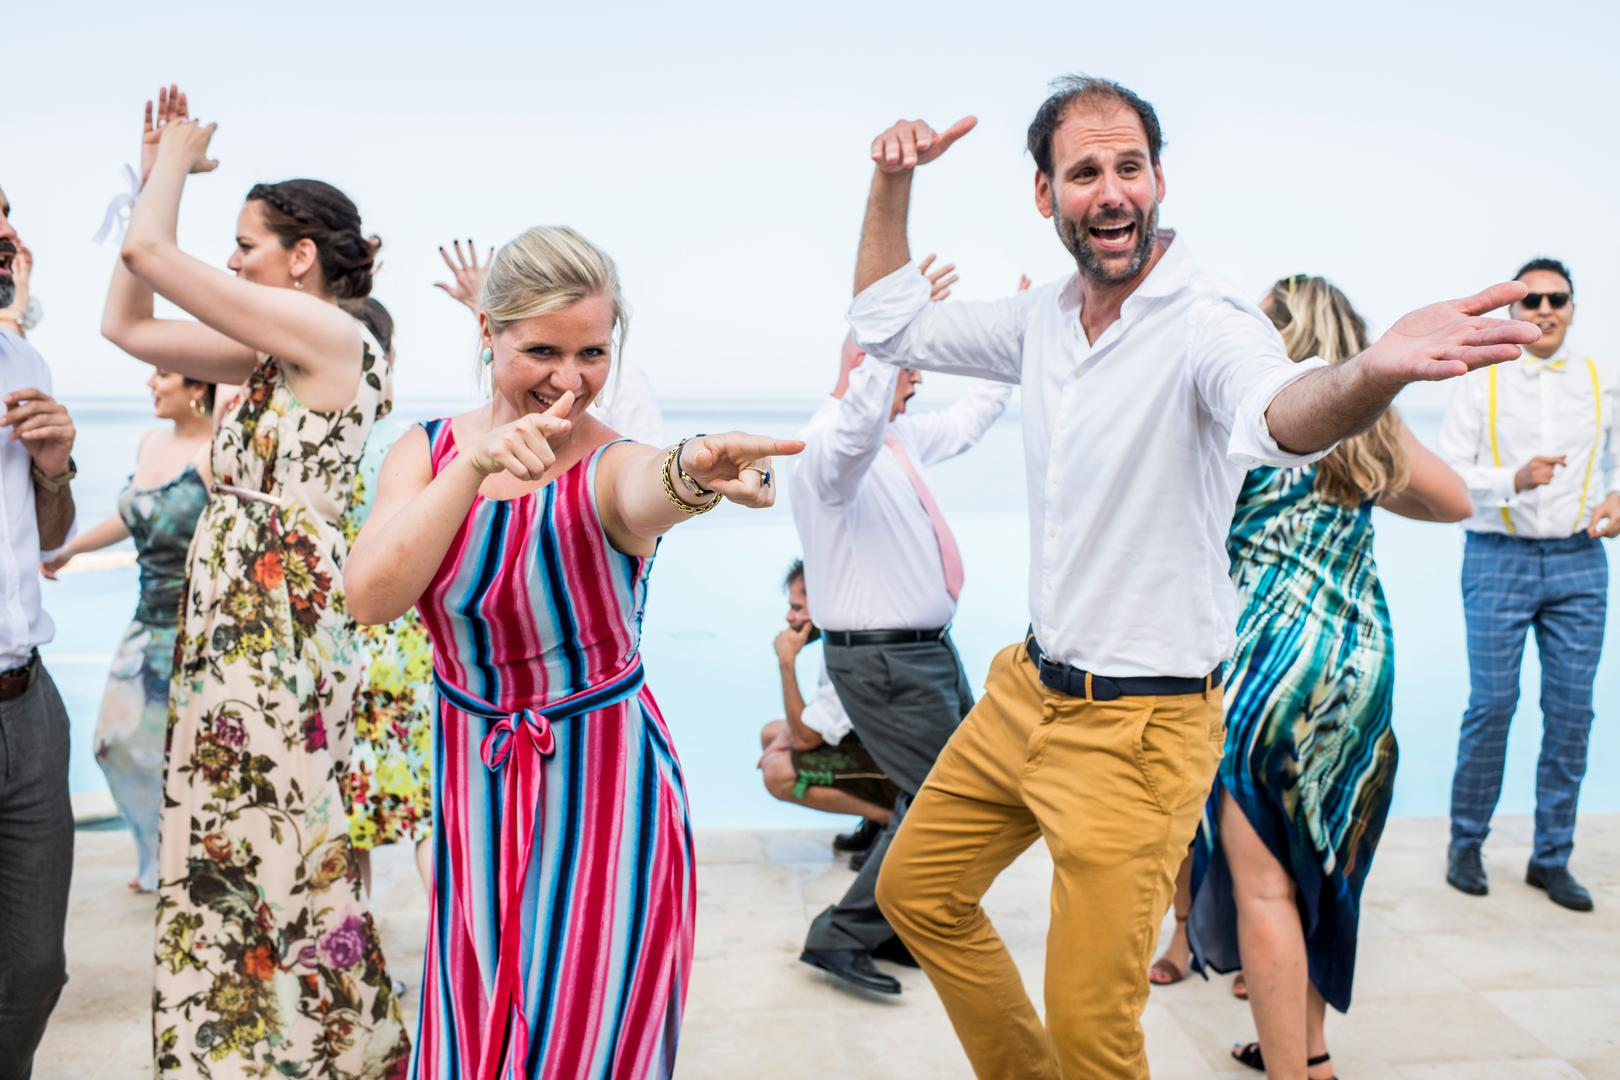 invitati che ballano al matrimonio